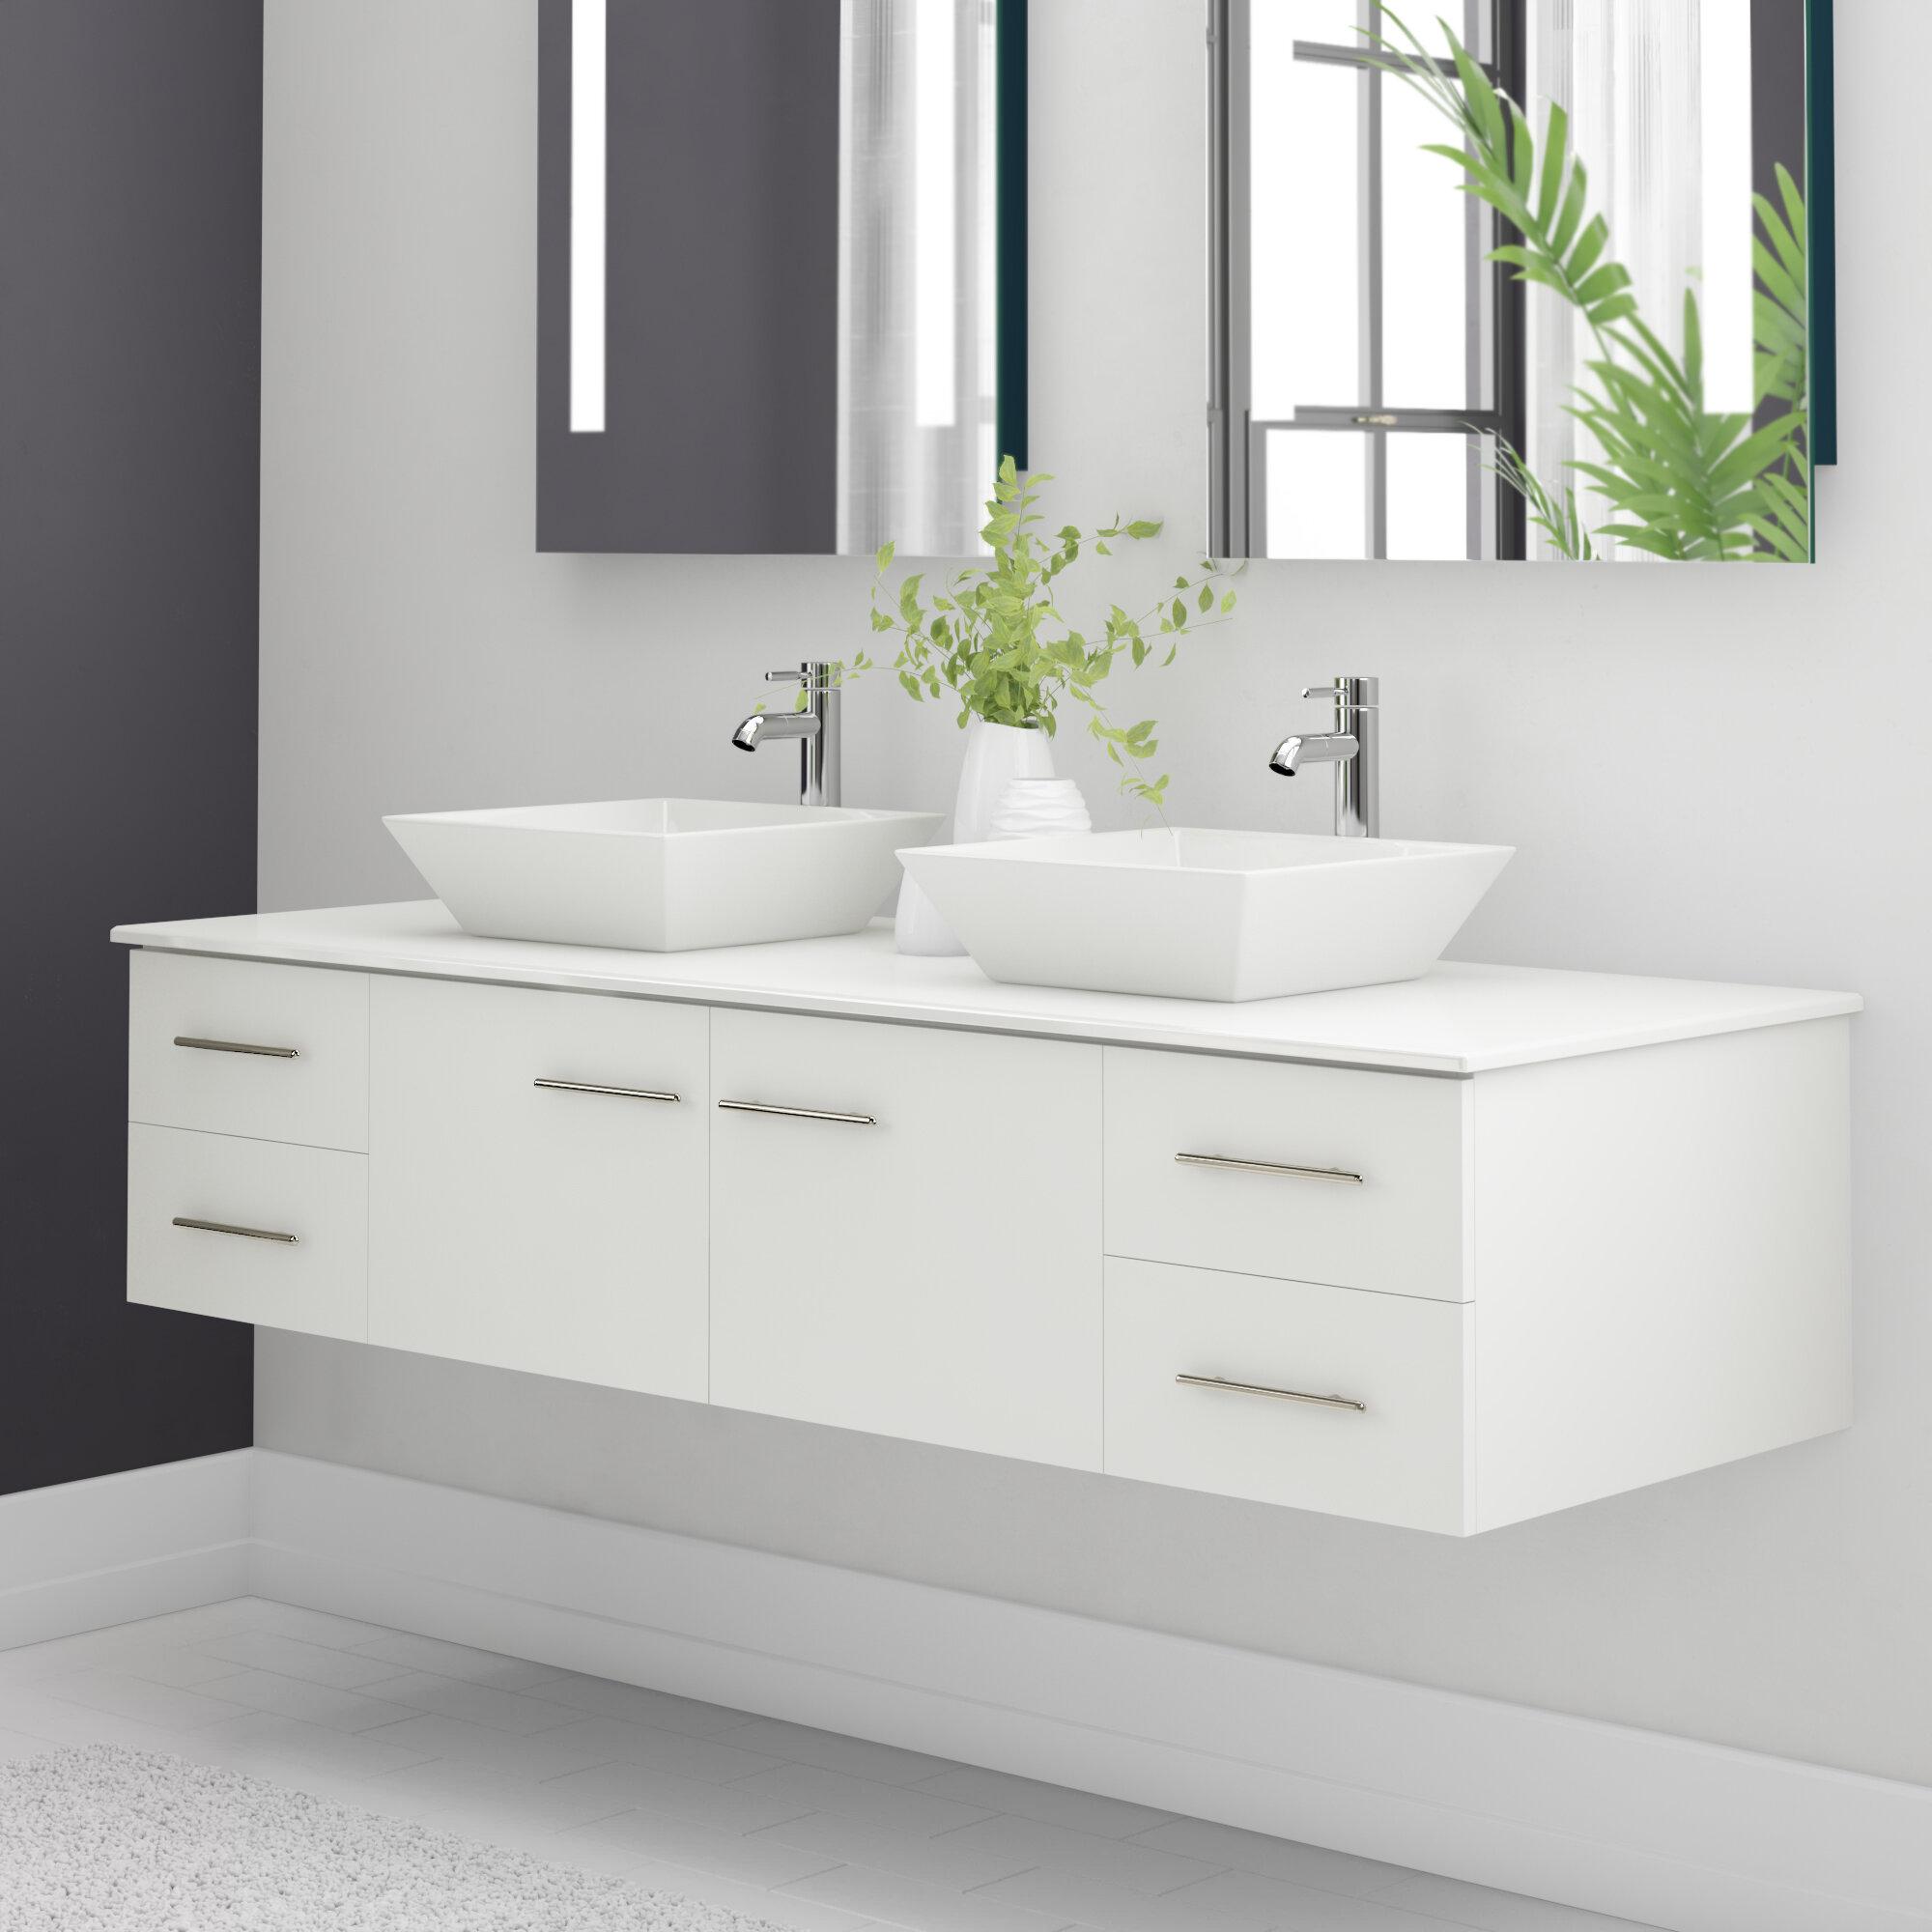 Orren Ellis Vinit 60 Wall Mounted Double Bathroom Vanity Set Reviews Wayfair